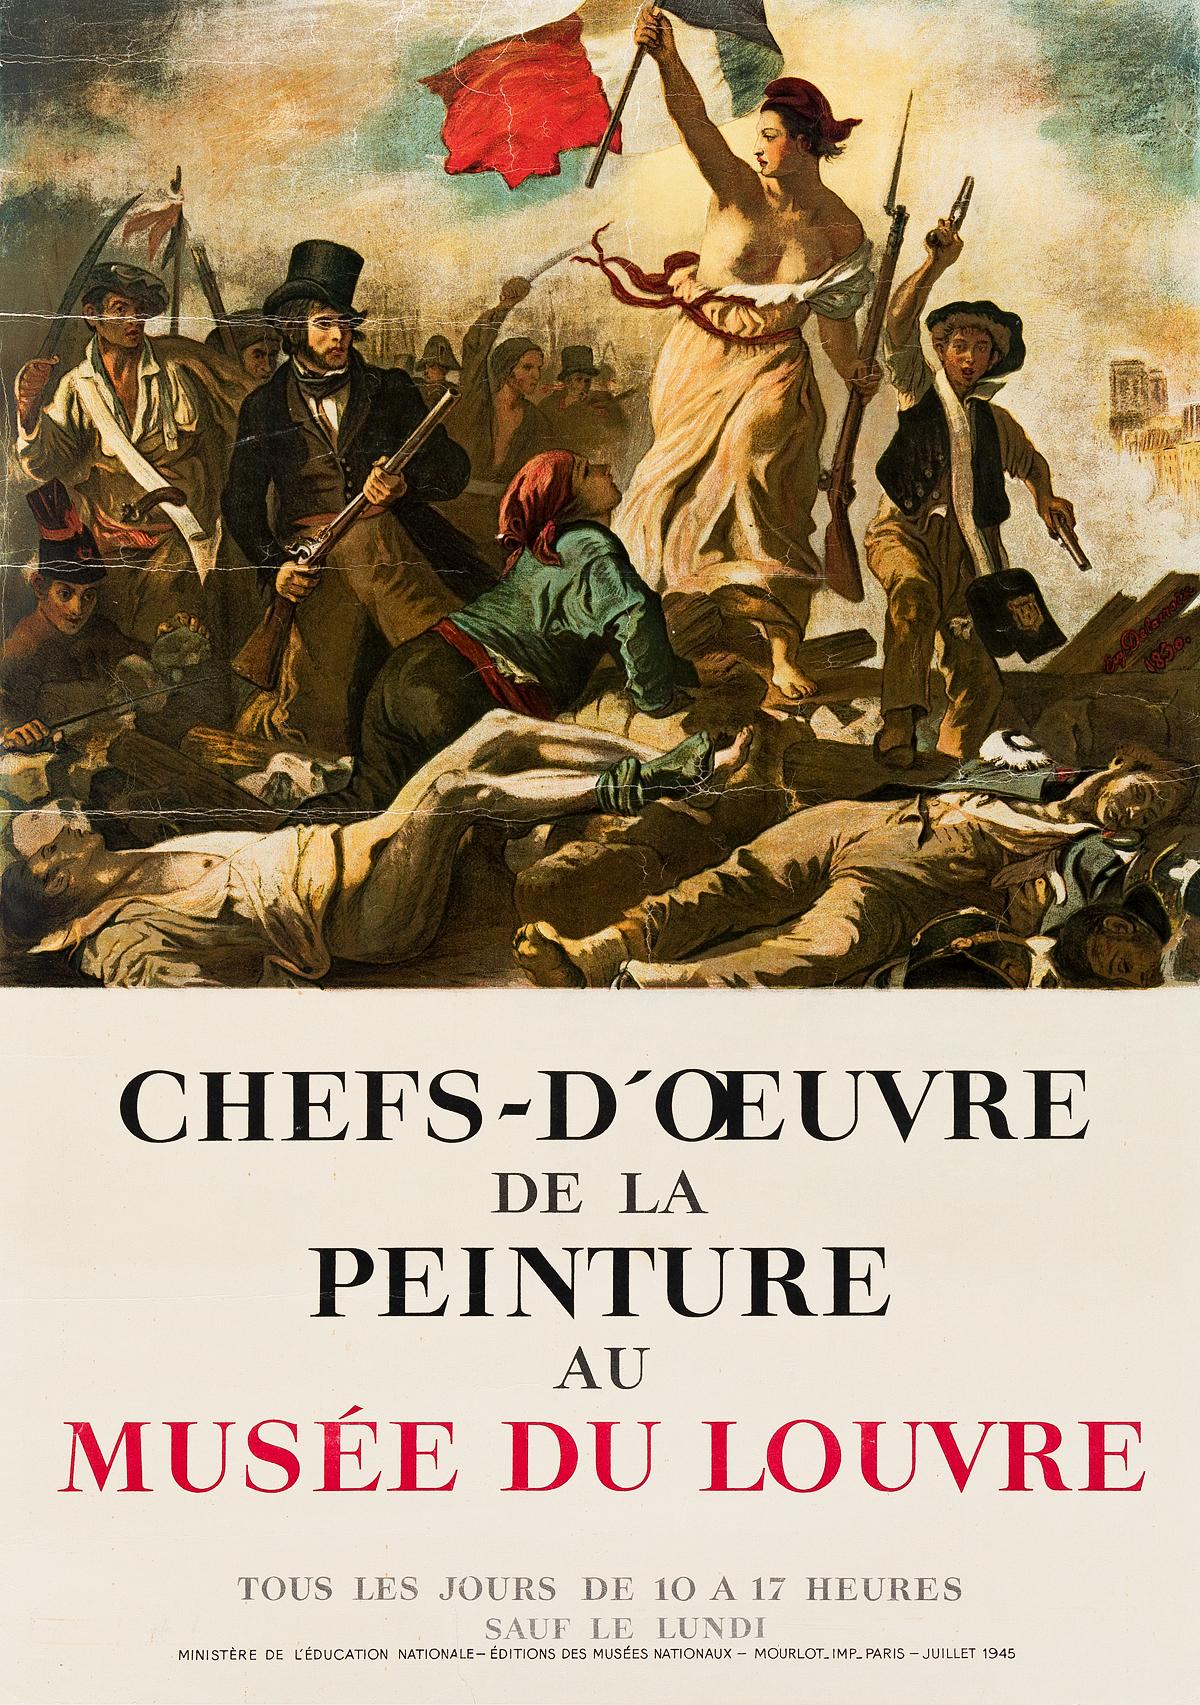 DAPRÈS-EUGÈNE-DELACROIX-(1798-1863)-CHEFS---DOEUVRE-DE-LA-PEINTURE-AU-MUSÉE-DU-LOUVRE-1945-28x20-inches-71x50-cm-Mourlot-Paris